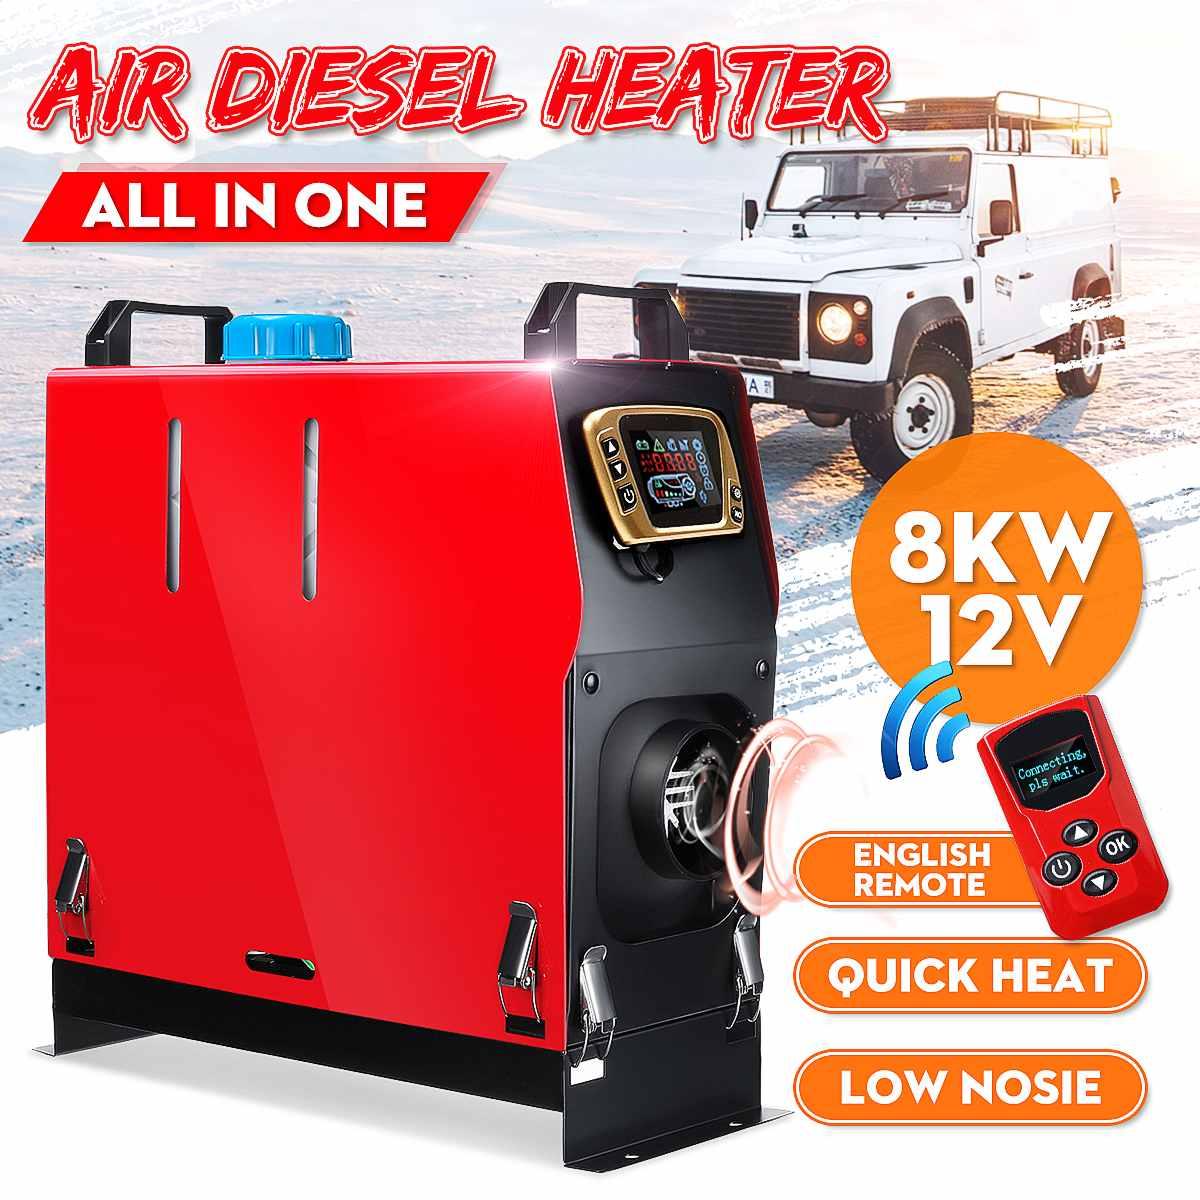 Réchauffeur diesel détachable de 8KW 12 V tout en un réchauffeur de stationnement d'air de carburant + commutateur d'affichage à cristaux liquides d'or + télécommande anglaise pour le Van de bateau de camion d'autobus